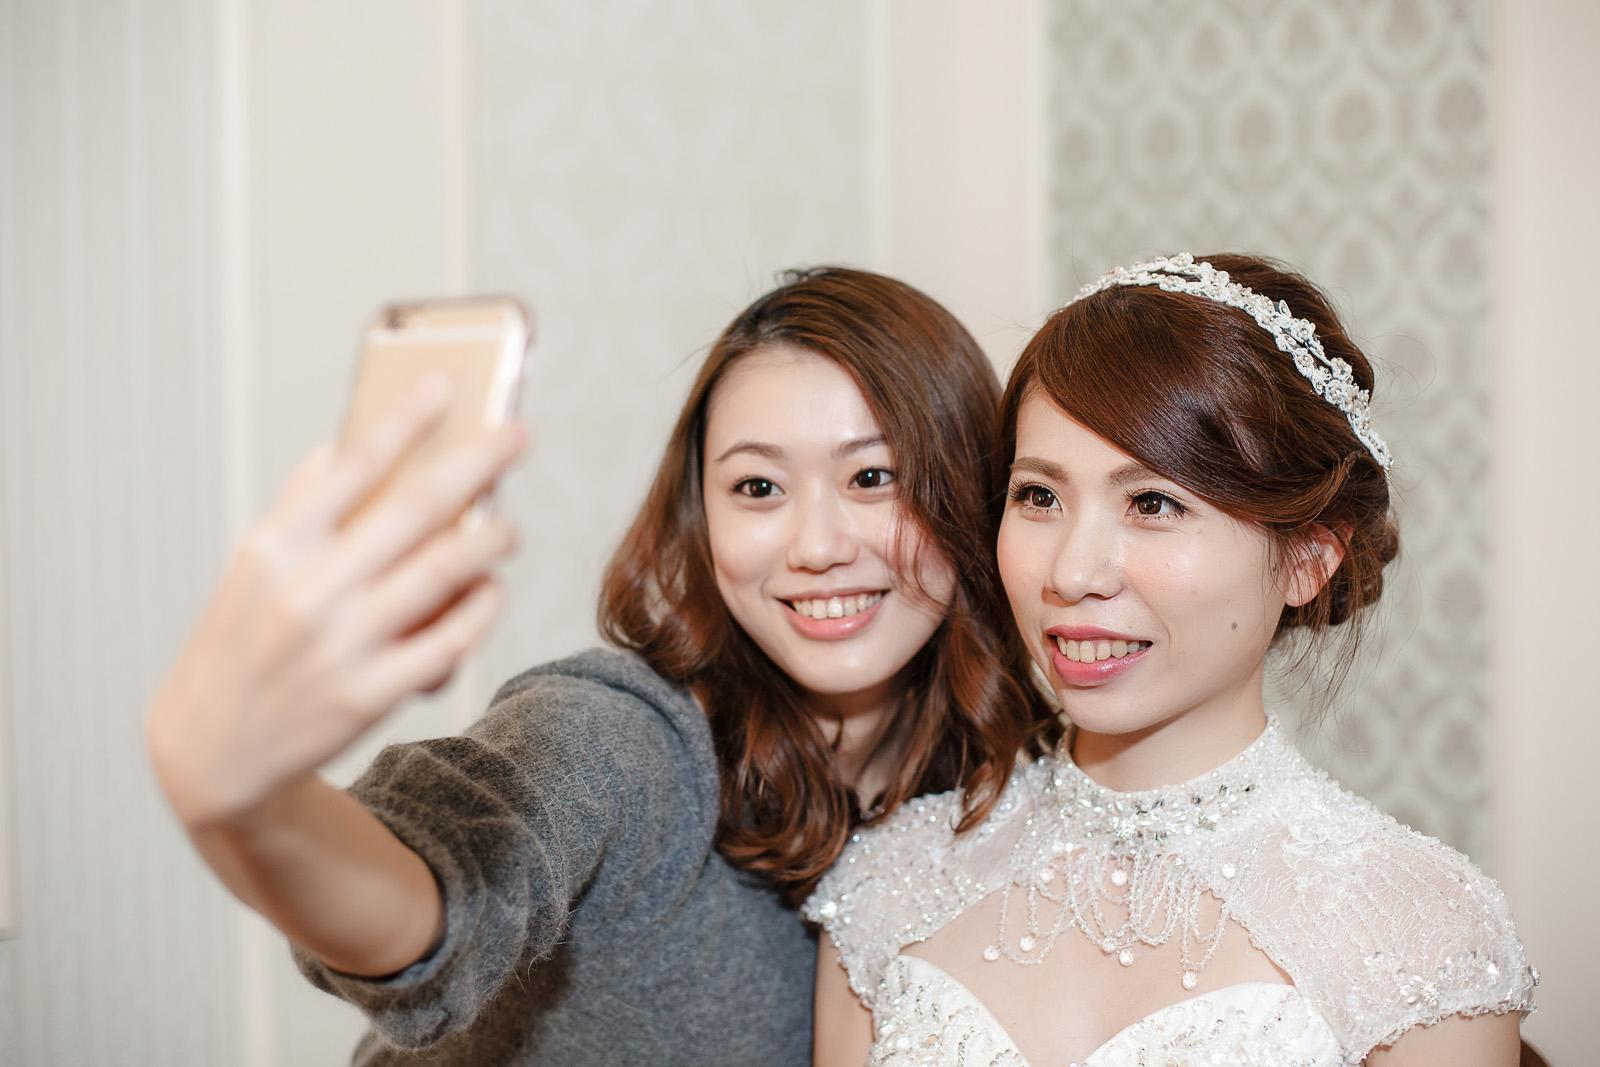 高雄圓山飯店,婚禮攝影,婚攝,高雄婚攝,優質婚攝推薦,Jen&Ethan-221